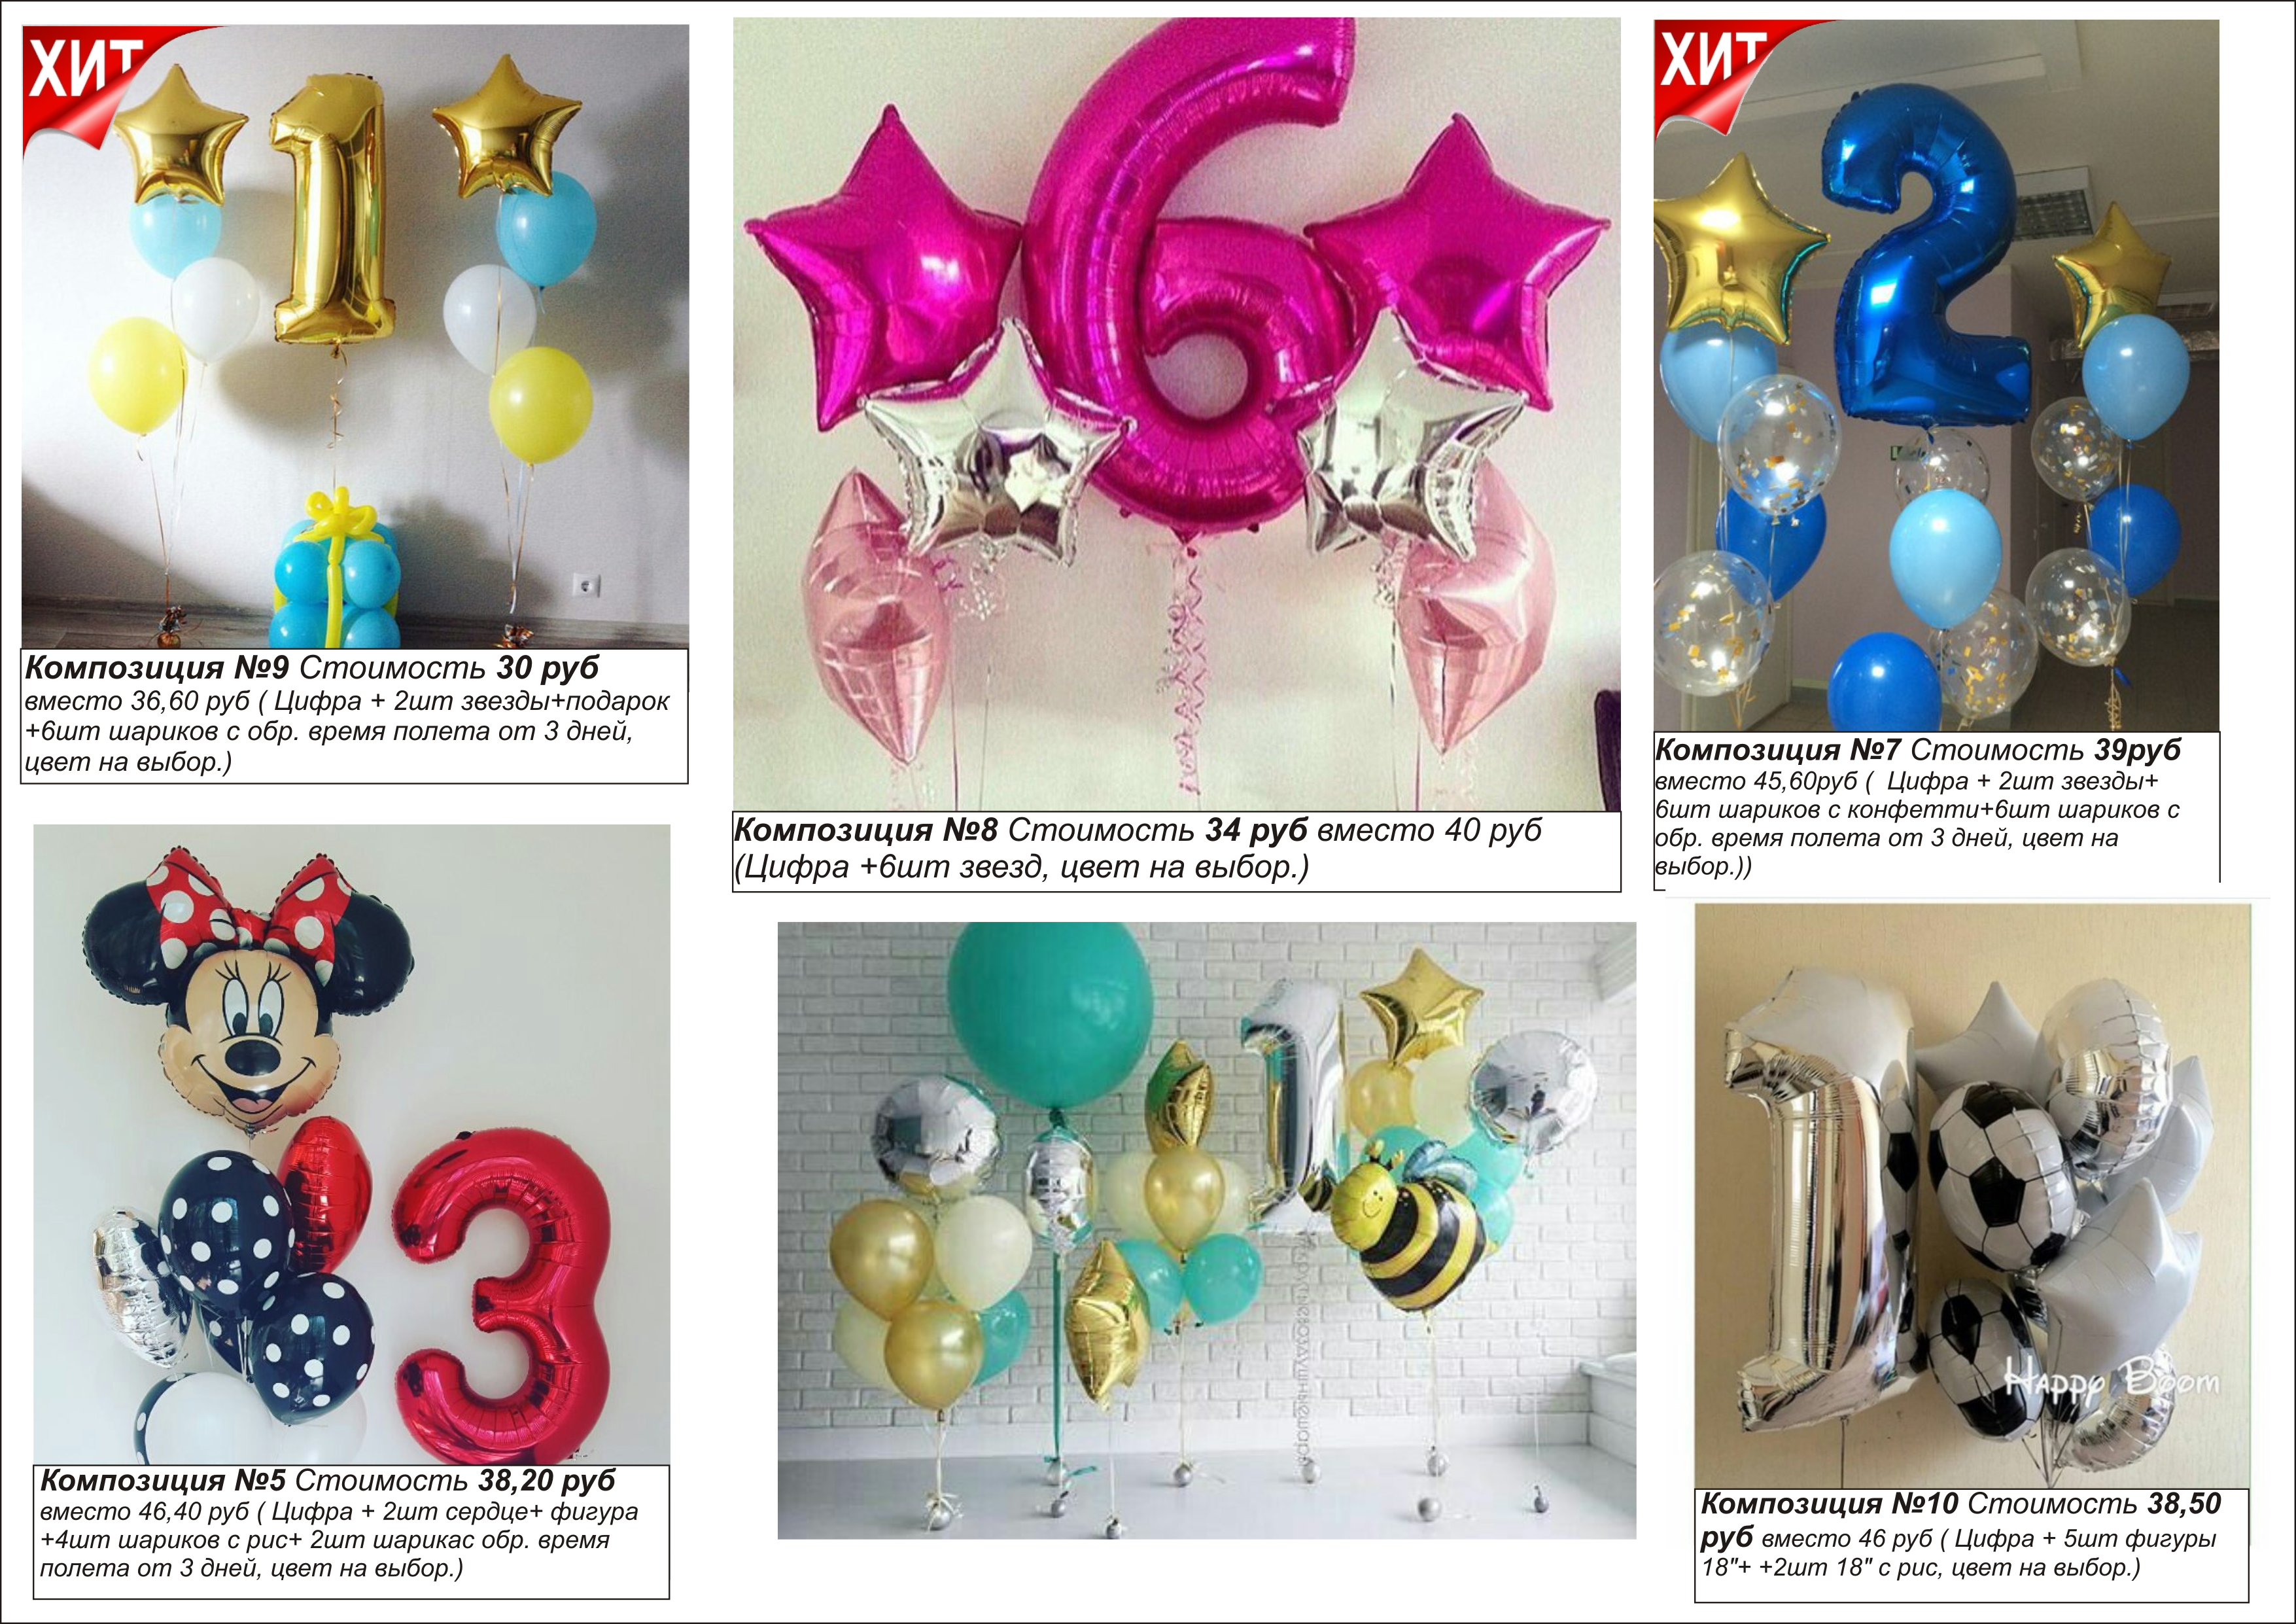 Воздушные гелиевые шарики всего от 0,40 руб.